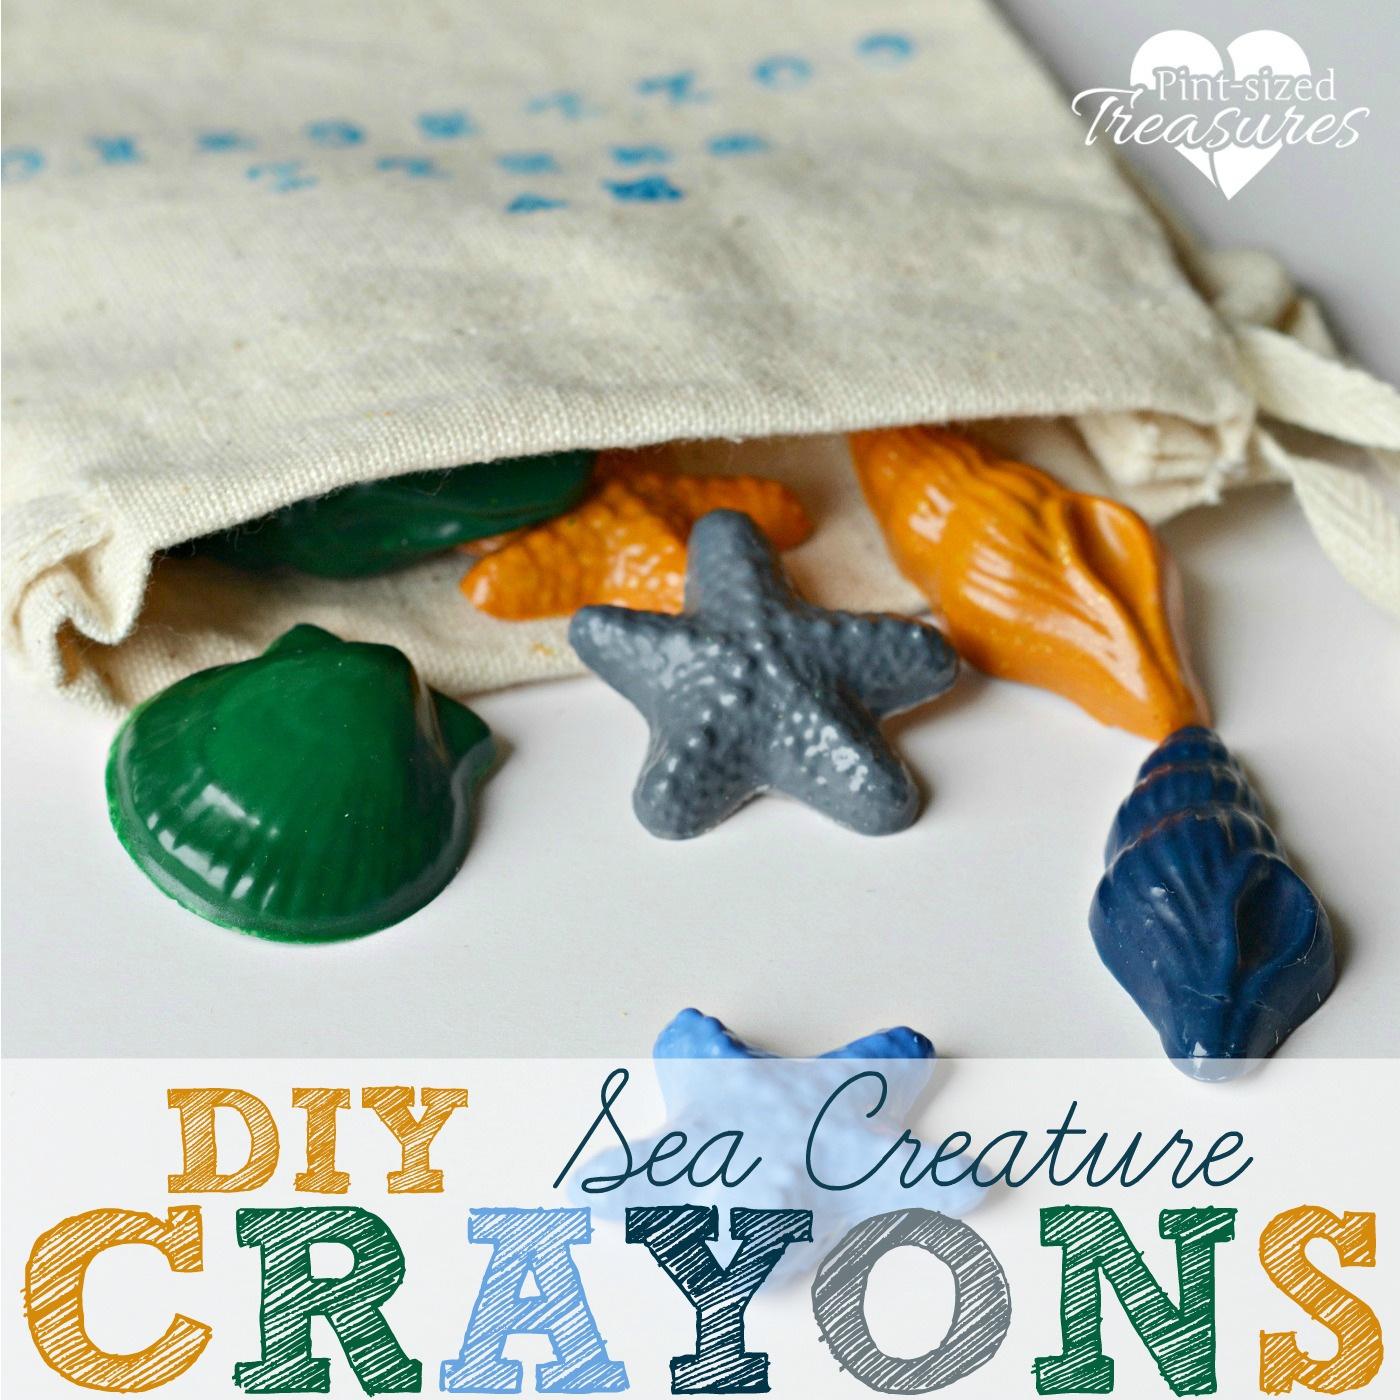 sea-creature-crayons